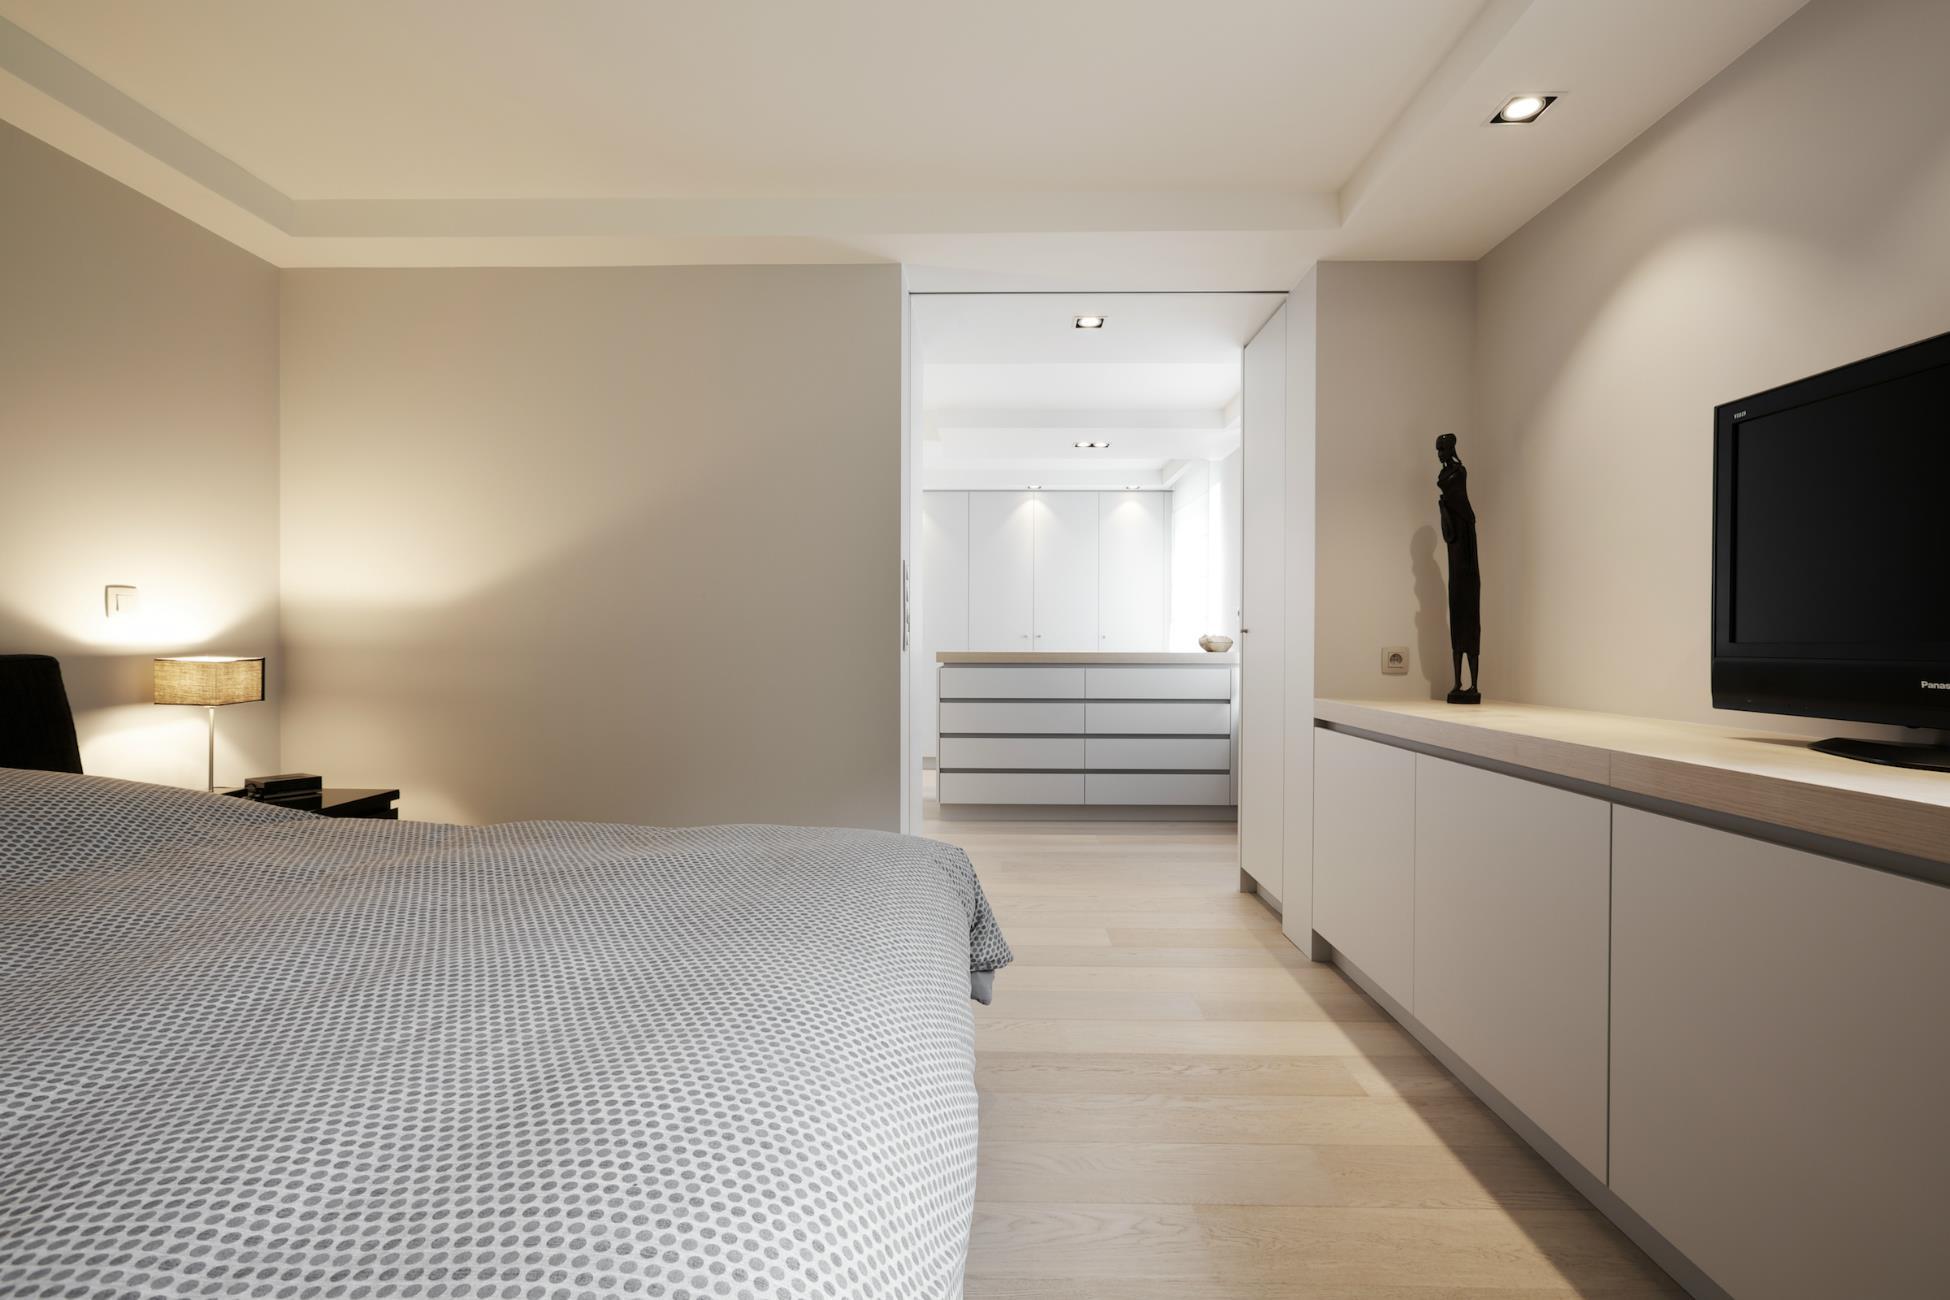 menuiserie sur mesure chambre parentale r alisations. Black Bedroom Furniture Sets. Home Design Ideas